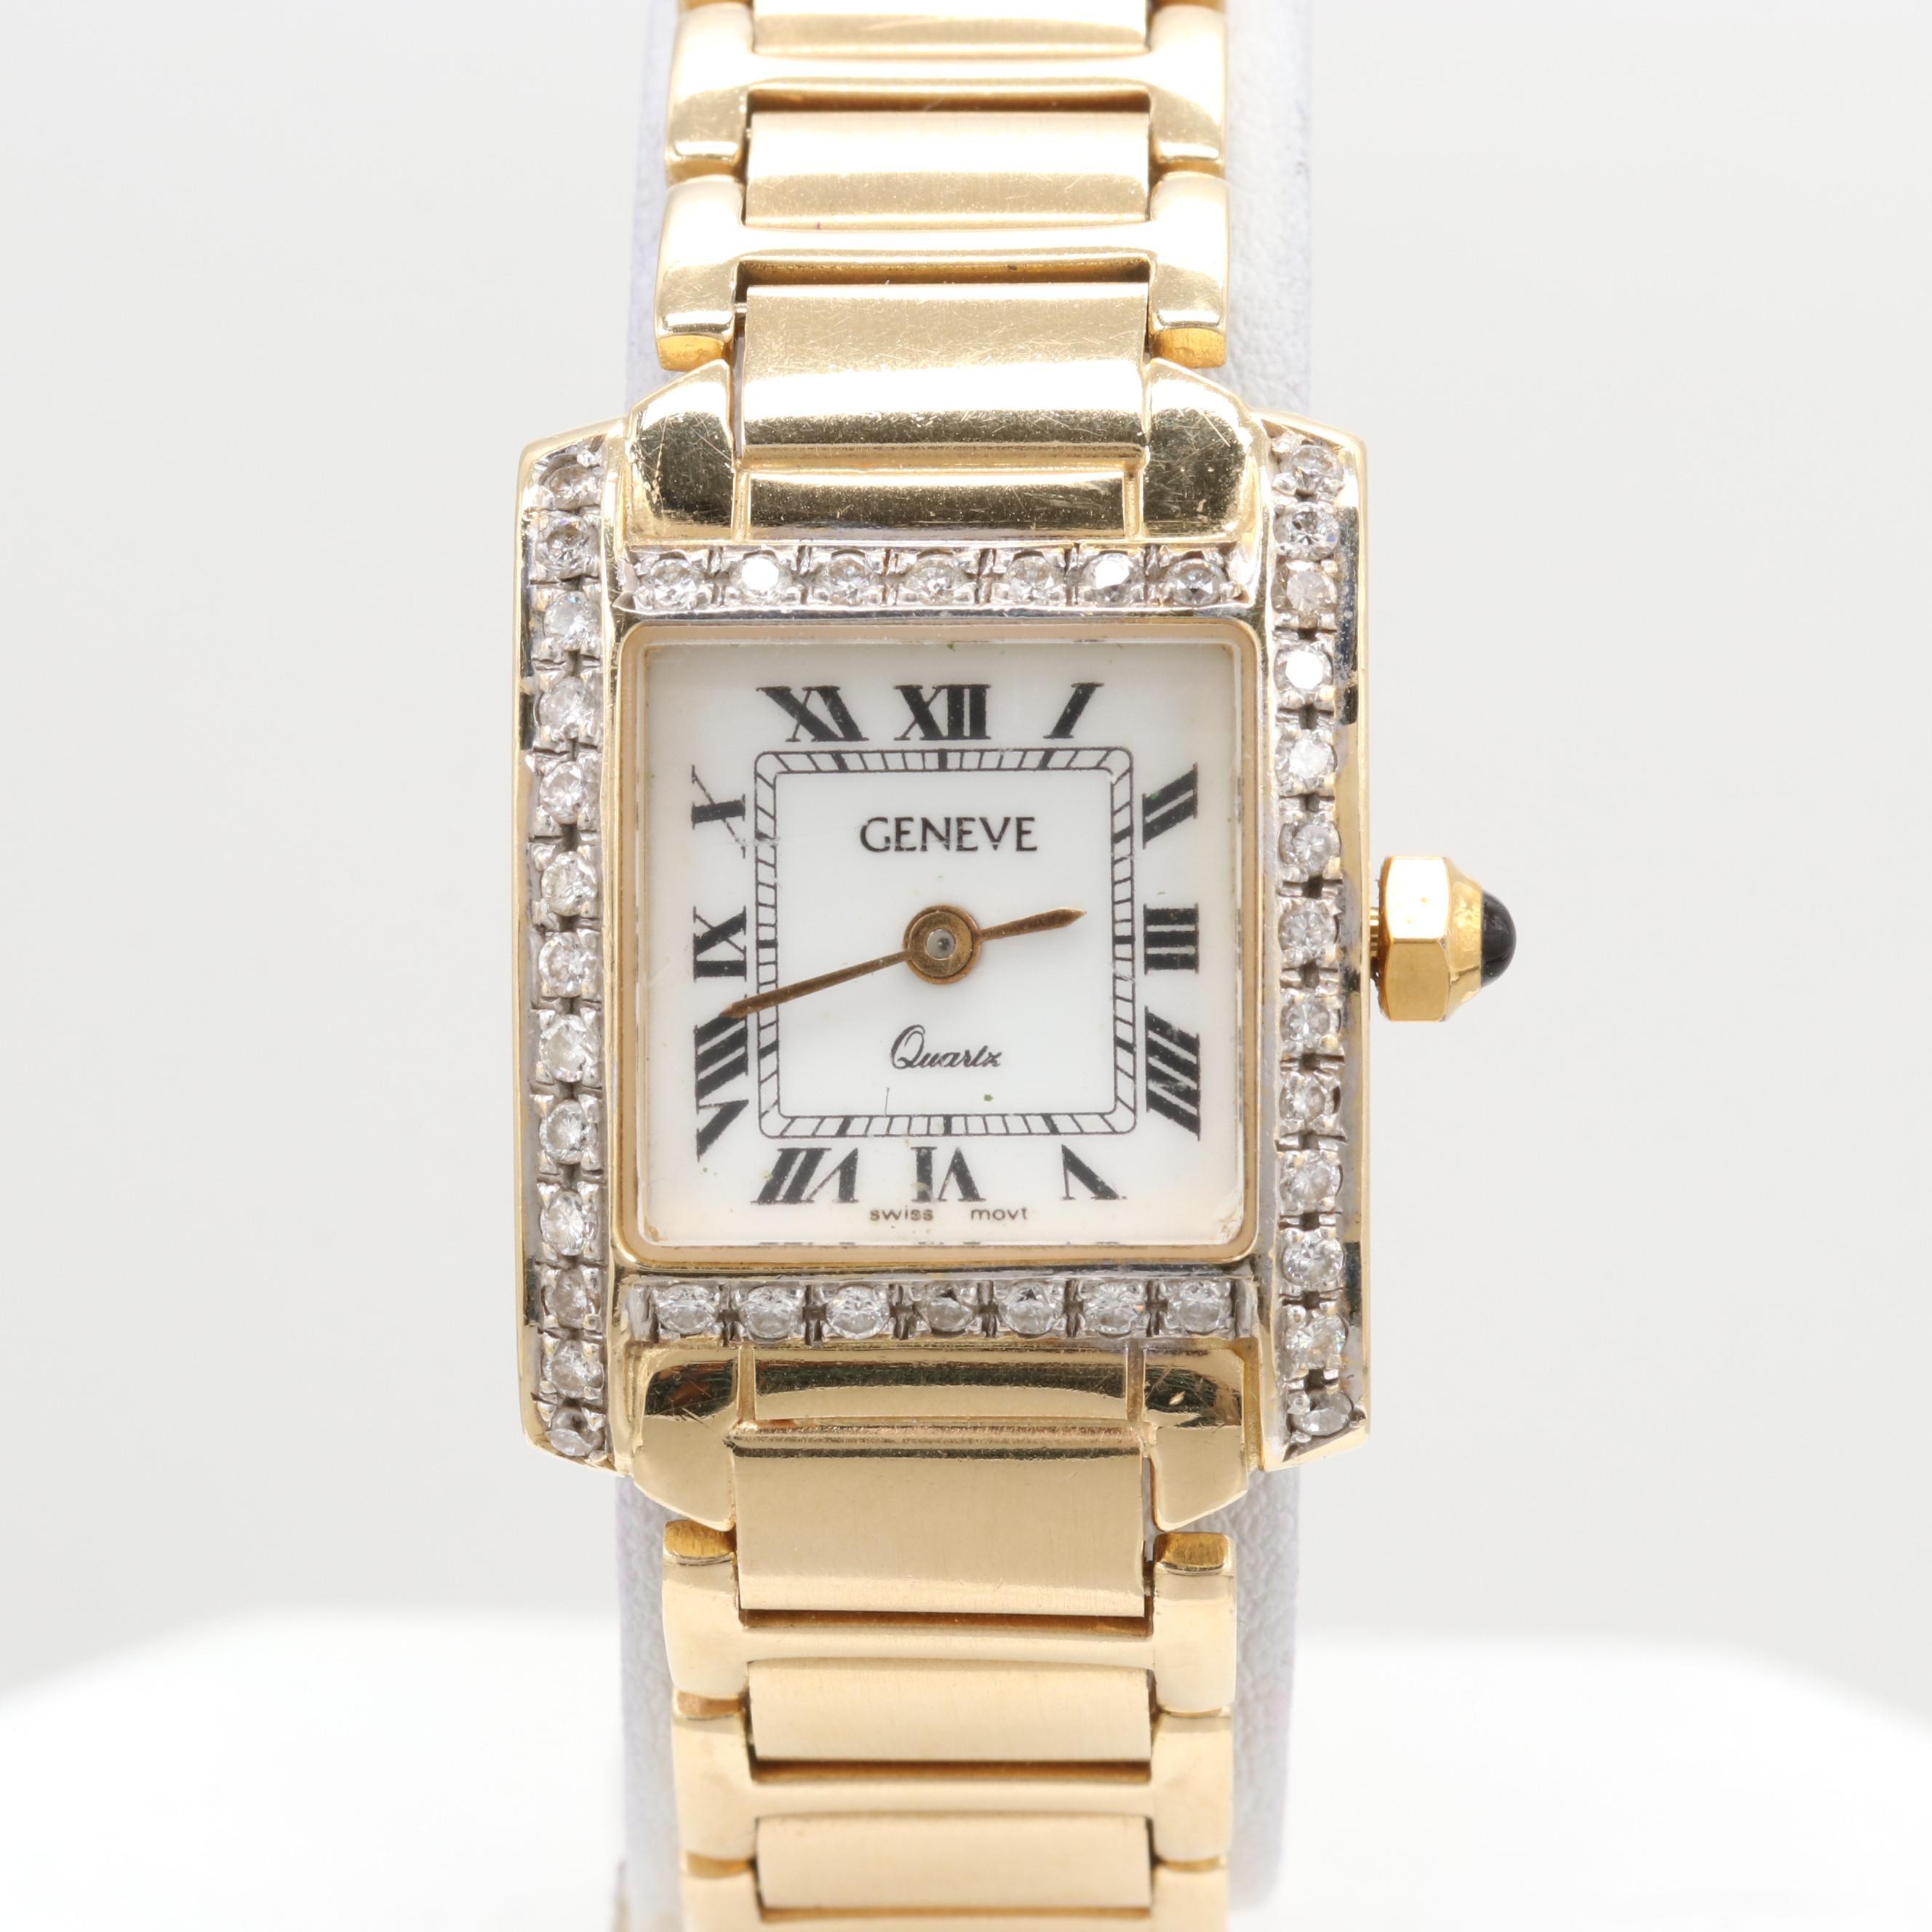 Geneve 14K Yellow Gold Quartz Wristwatch With Diamond Bezel